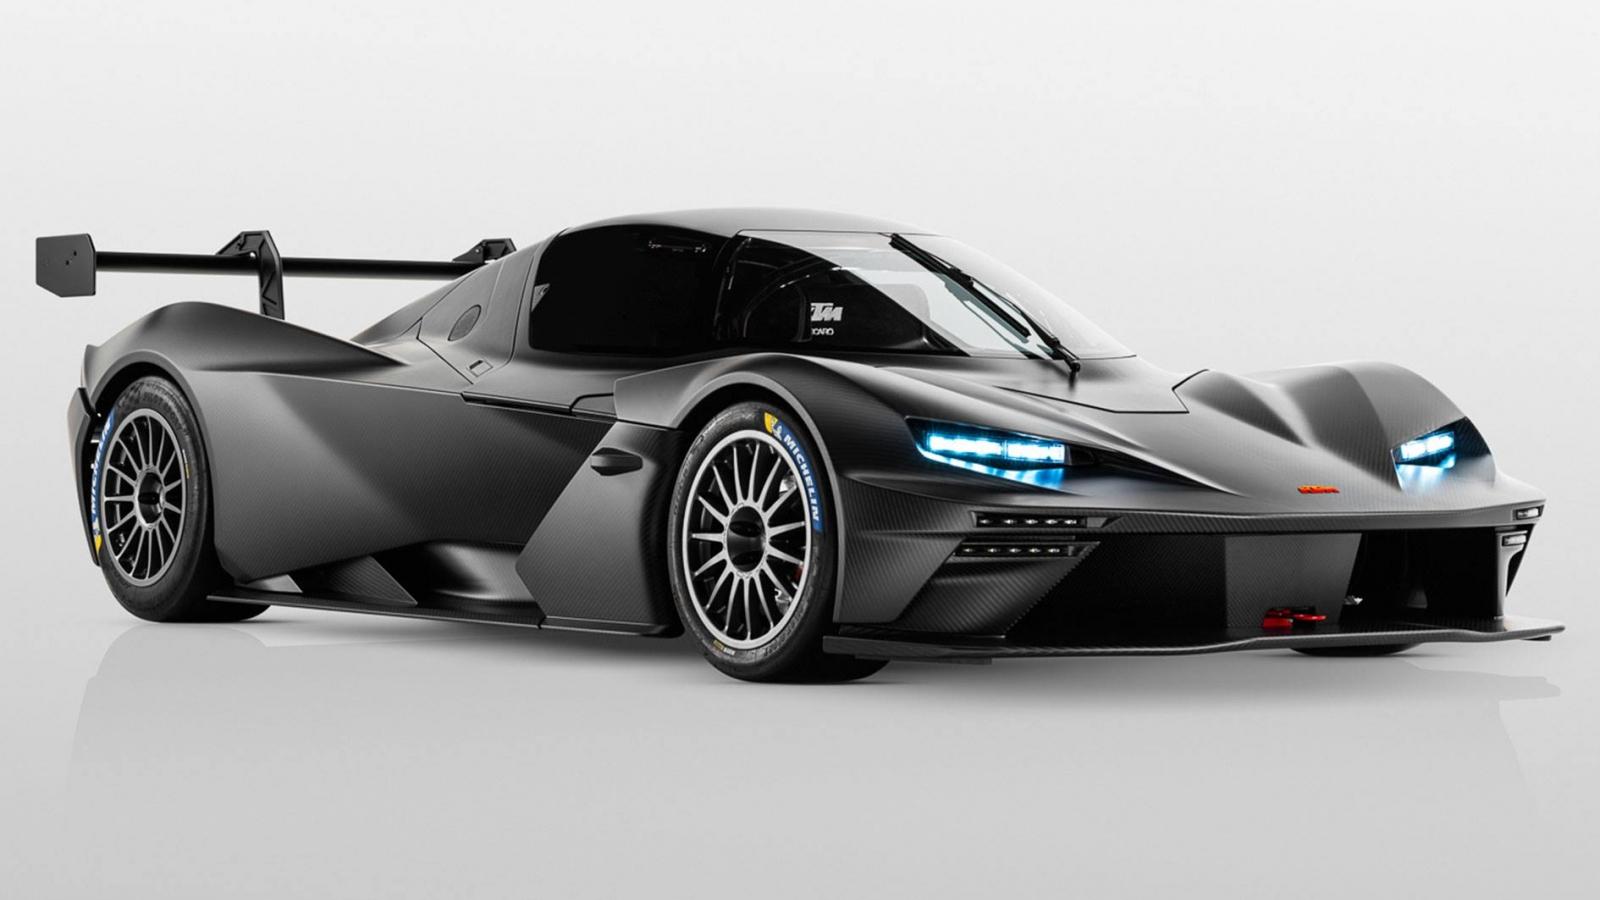 KTM ra mắt siêu xe đua X-Bow GTX hơn 7 tỷ đồng